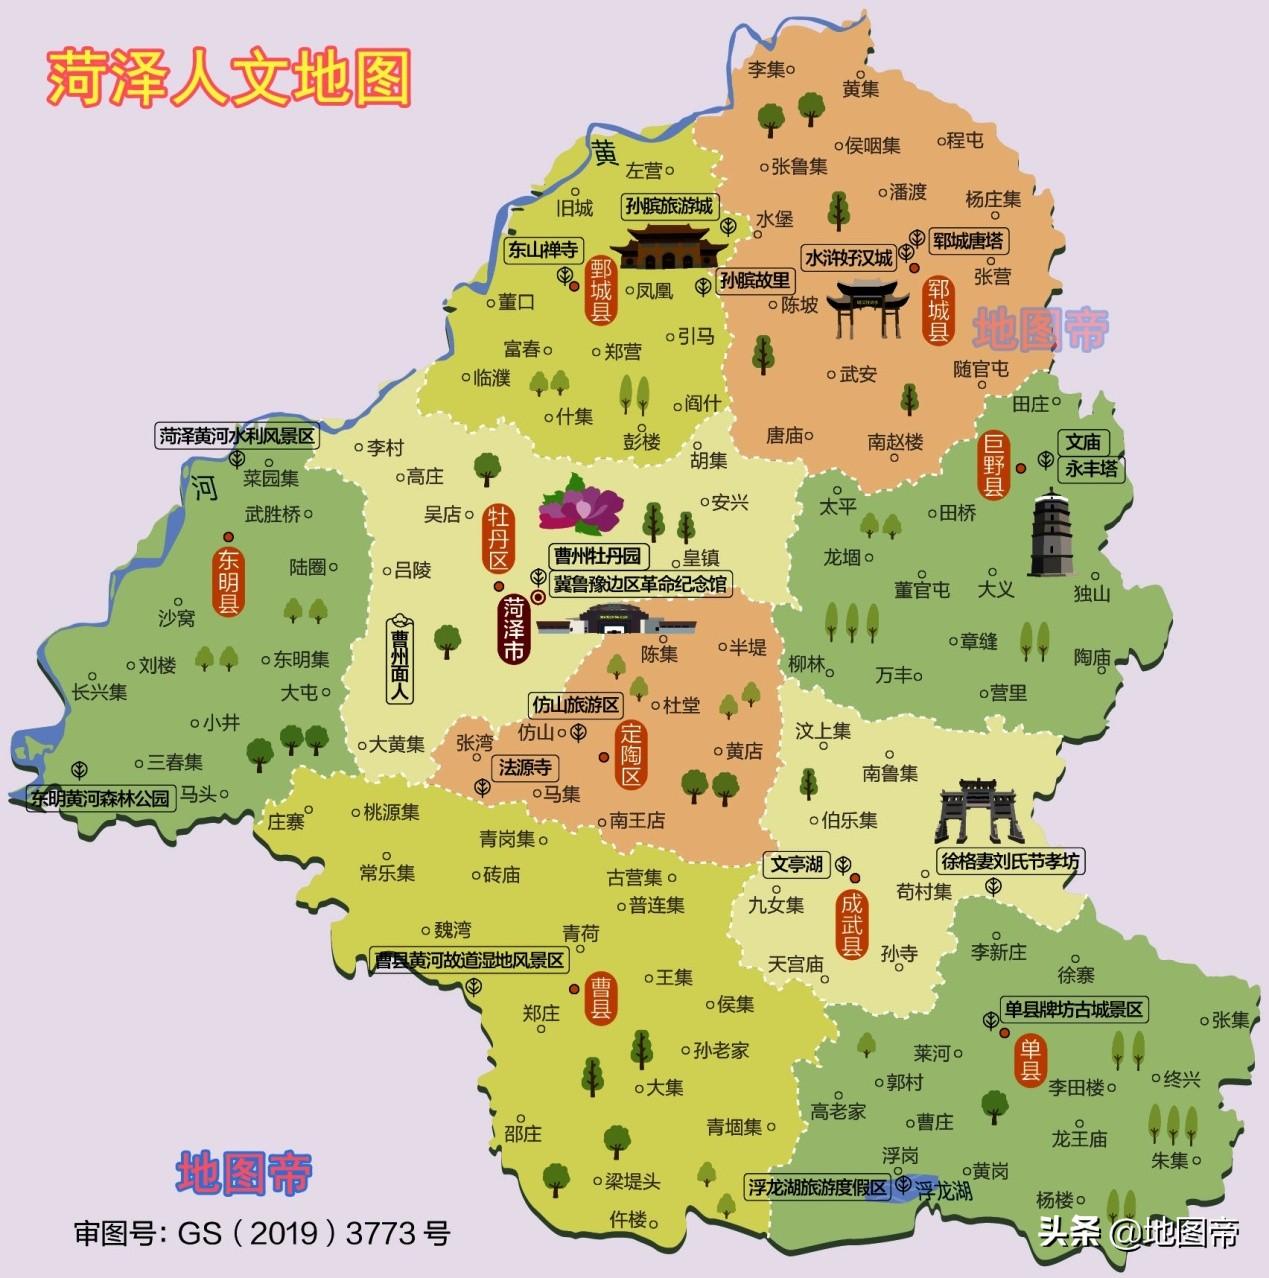 山东菏泽名字怎么来的,古代为什么叫龙池呢?